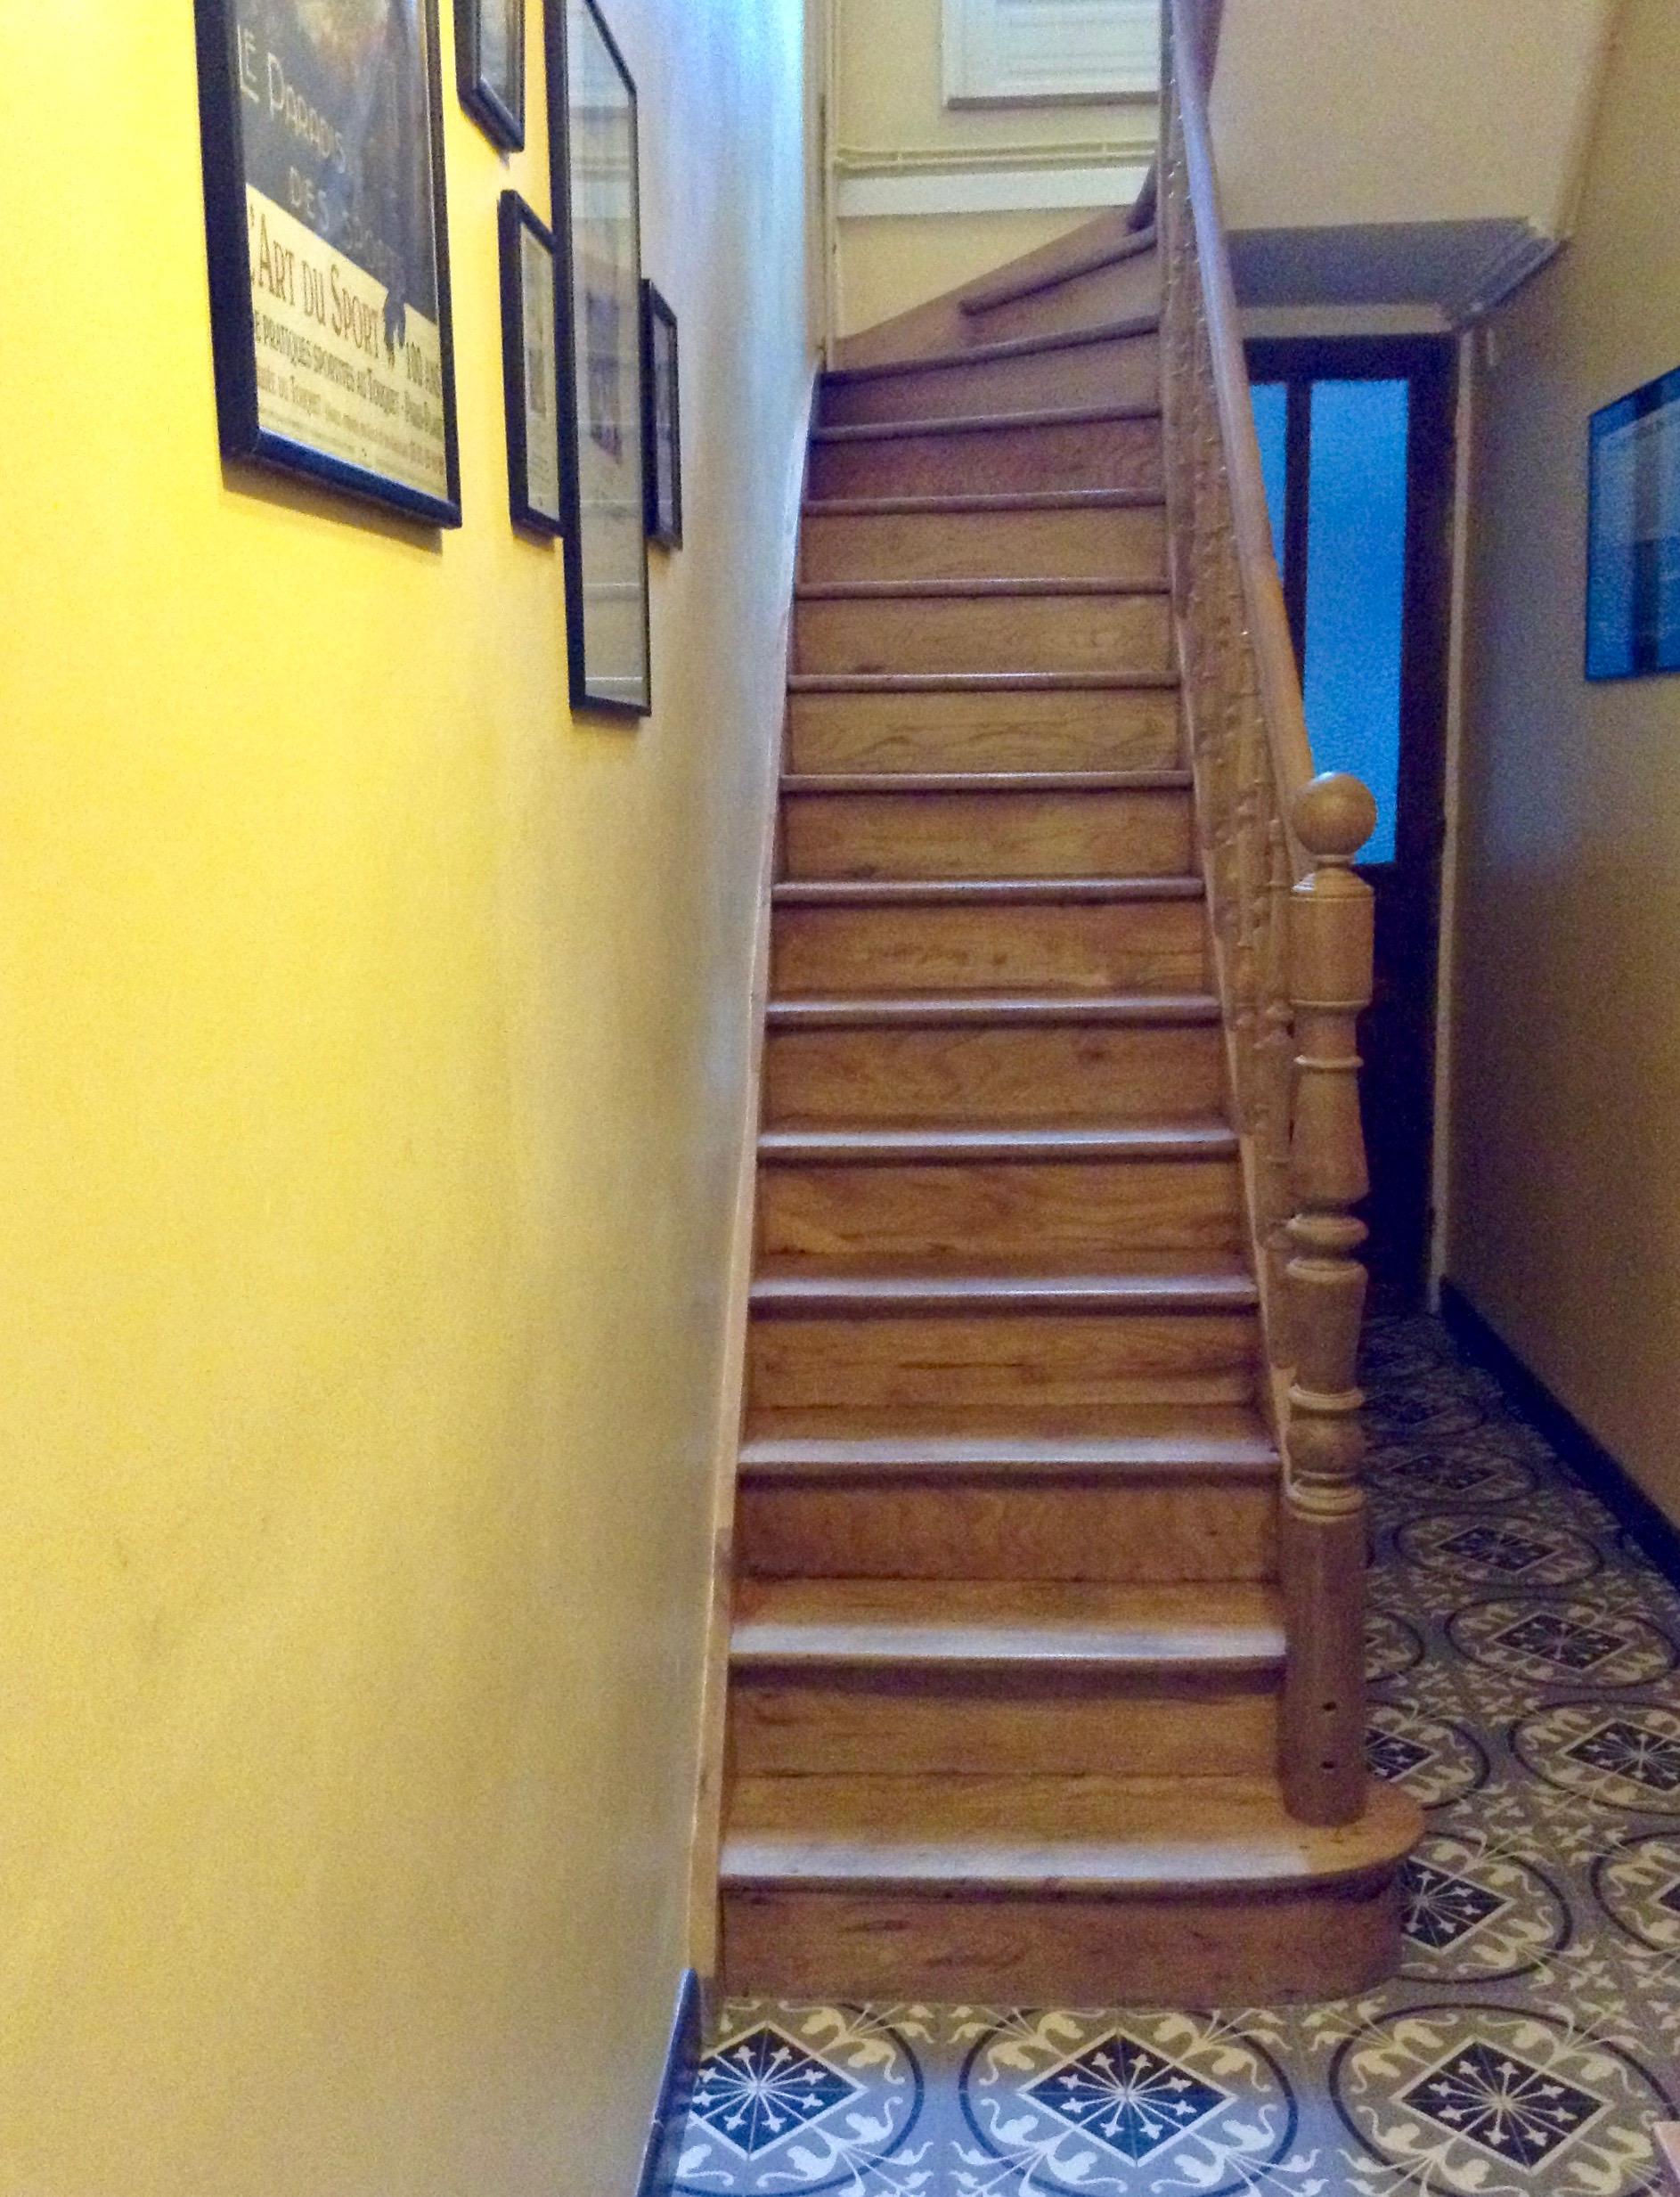 Escalier-couloir-maison-annees-trente - Plus au nord